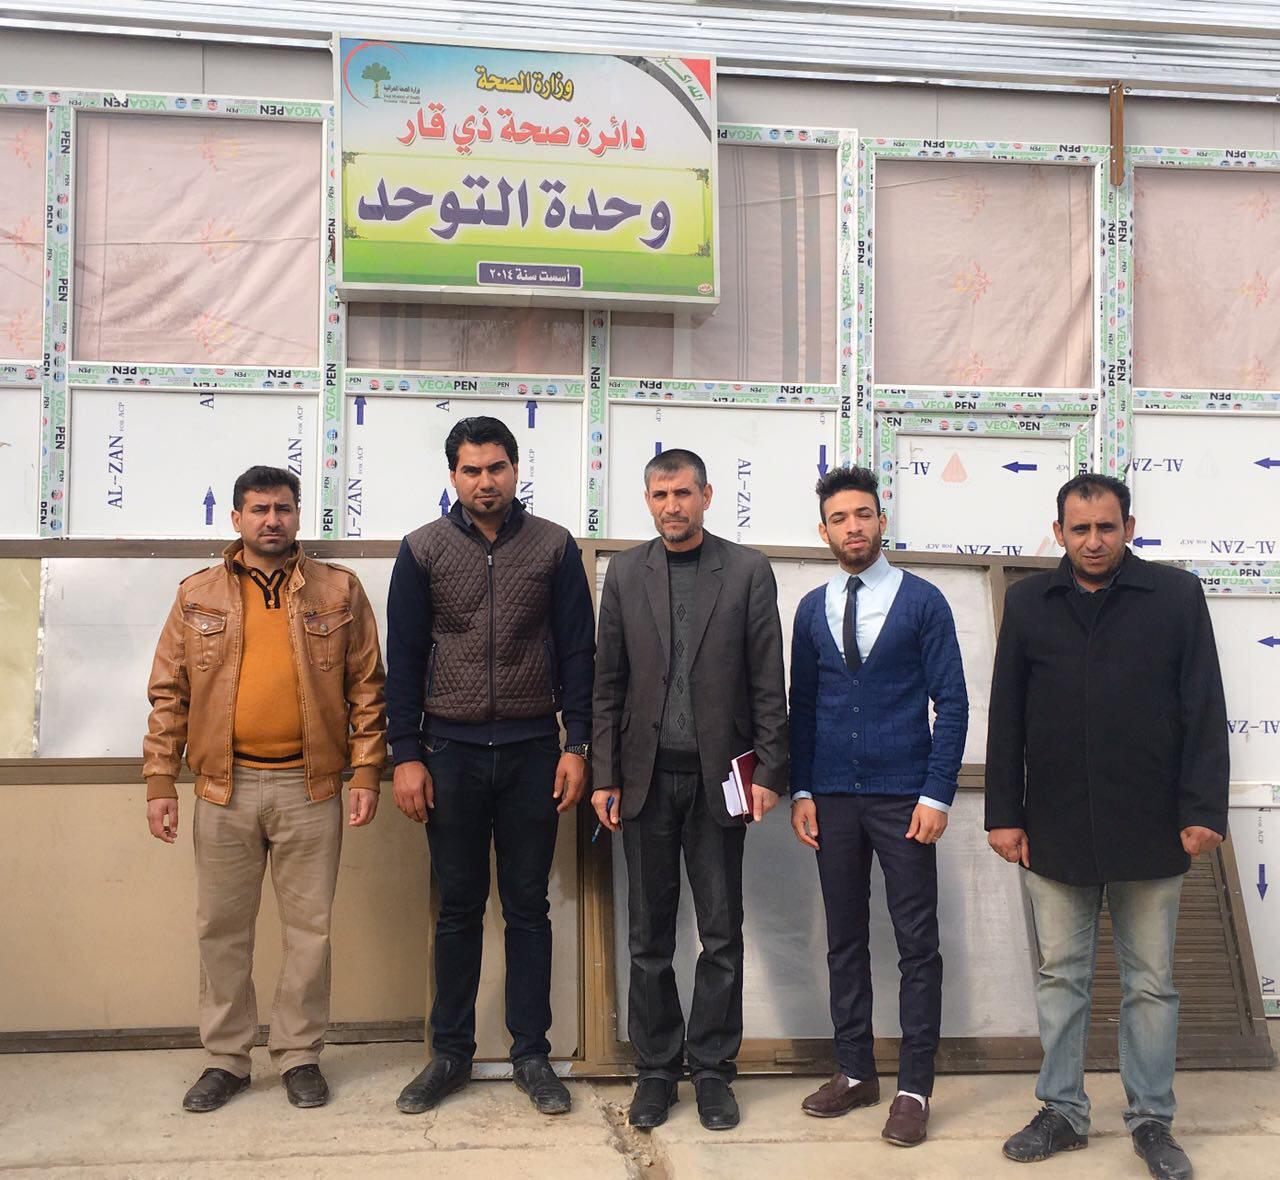 تصویر بازدید از مرکز بیماران اوتیسم توسط مؤسسه چهارده معصوم در شهر ذی قار عراق